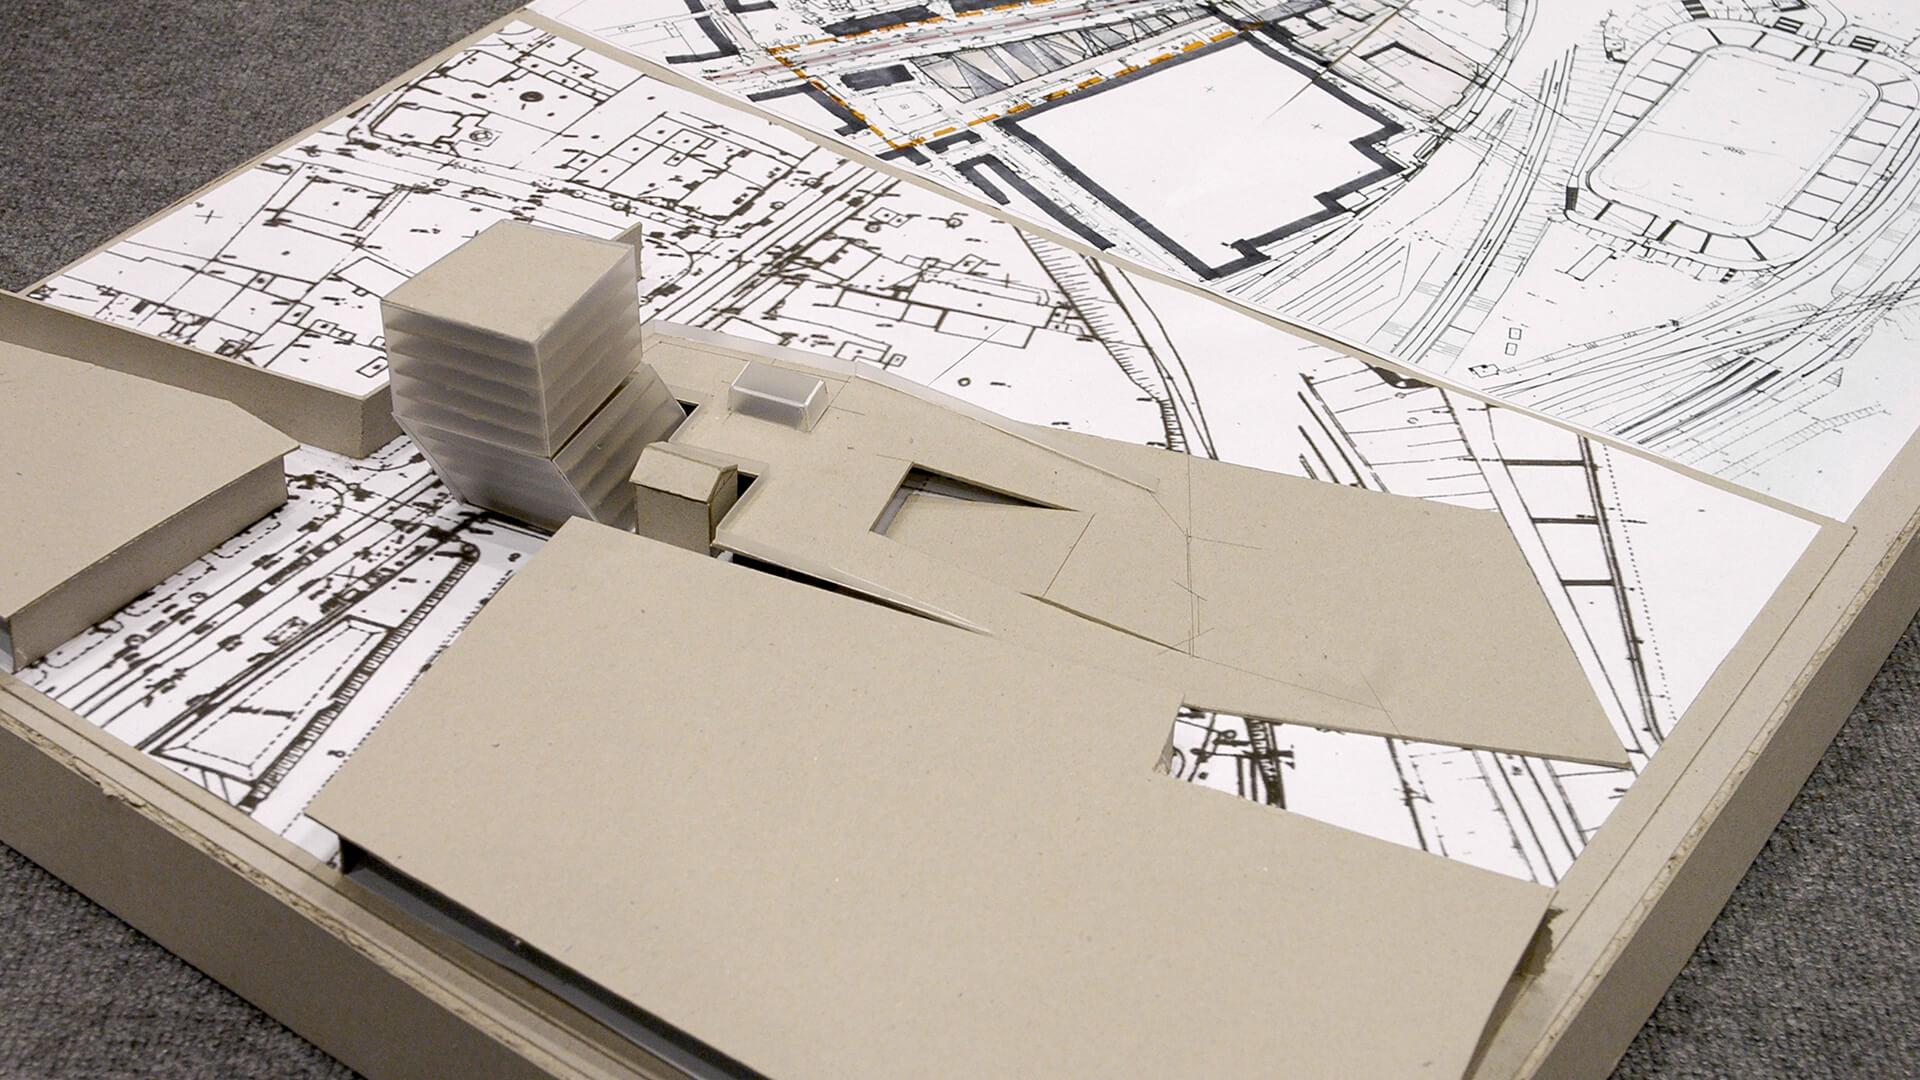 Akcja Kreacja czyli jak powstaje projekt architektoniczny - Neostudio